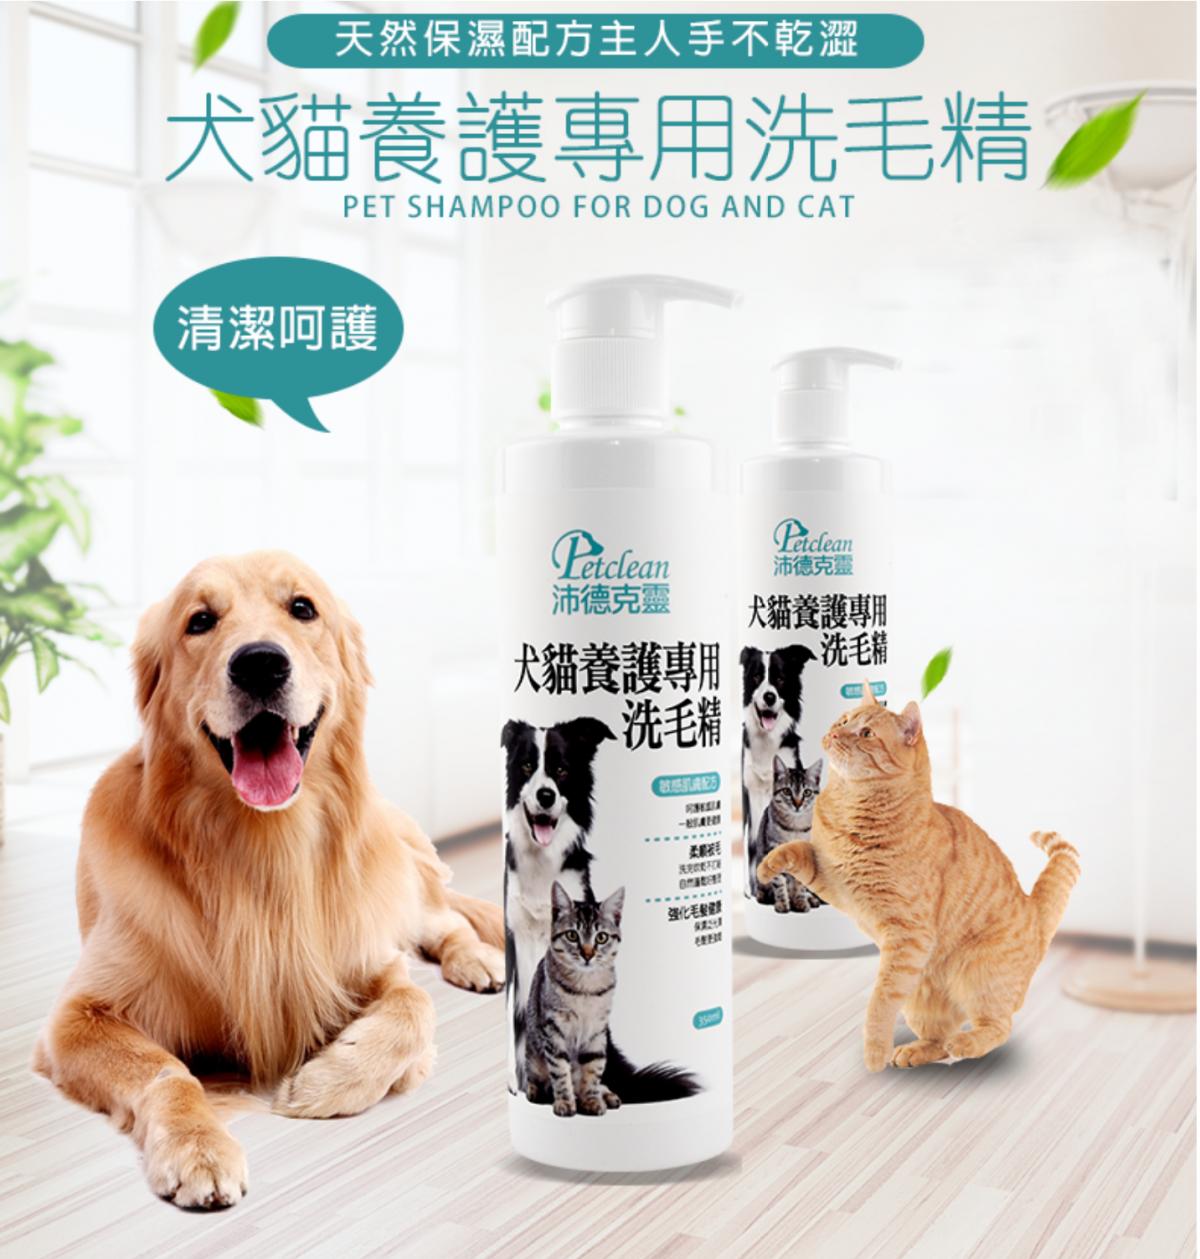 沛德克靈 洗毛精 犬貓養護專用洗毛精